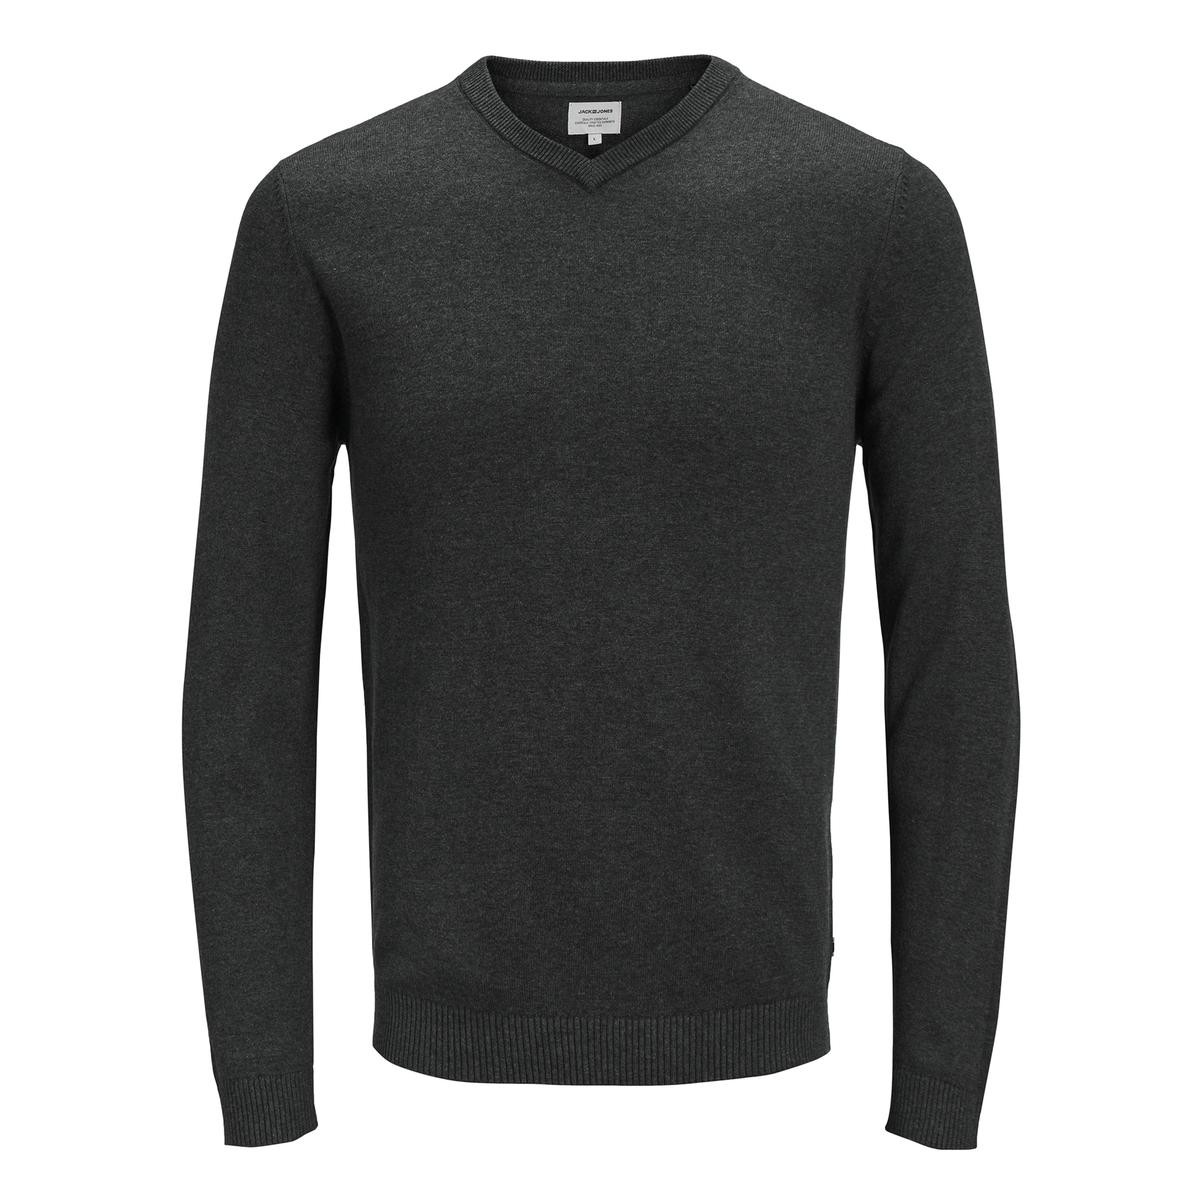 цена Пуловер La Redoute С V-образным вырезом из тонкого трикотажа XXL серый онлайн в 2017 году